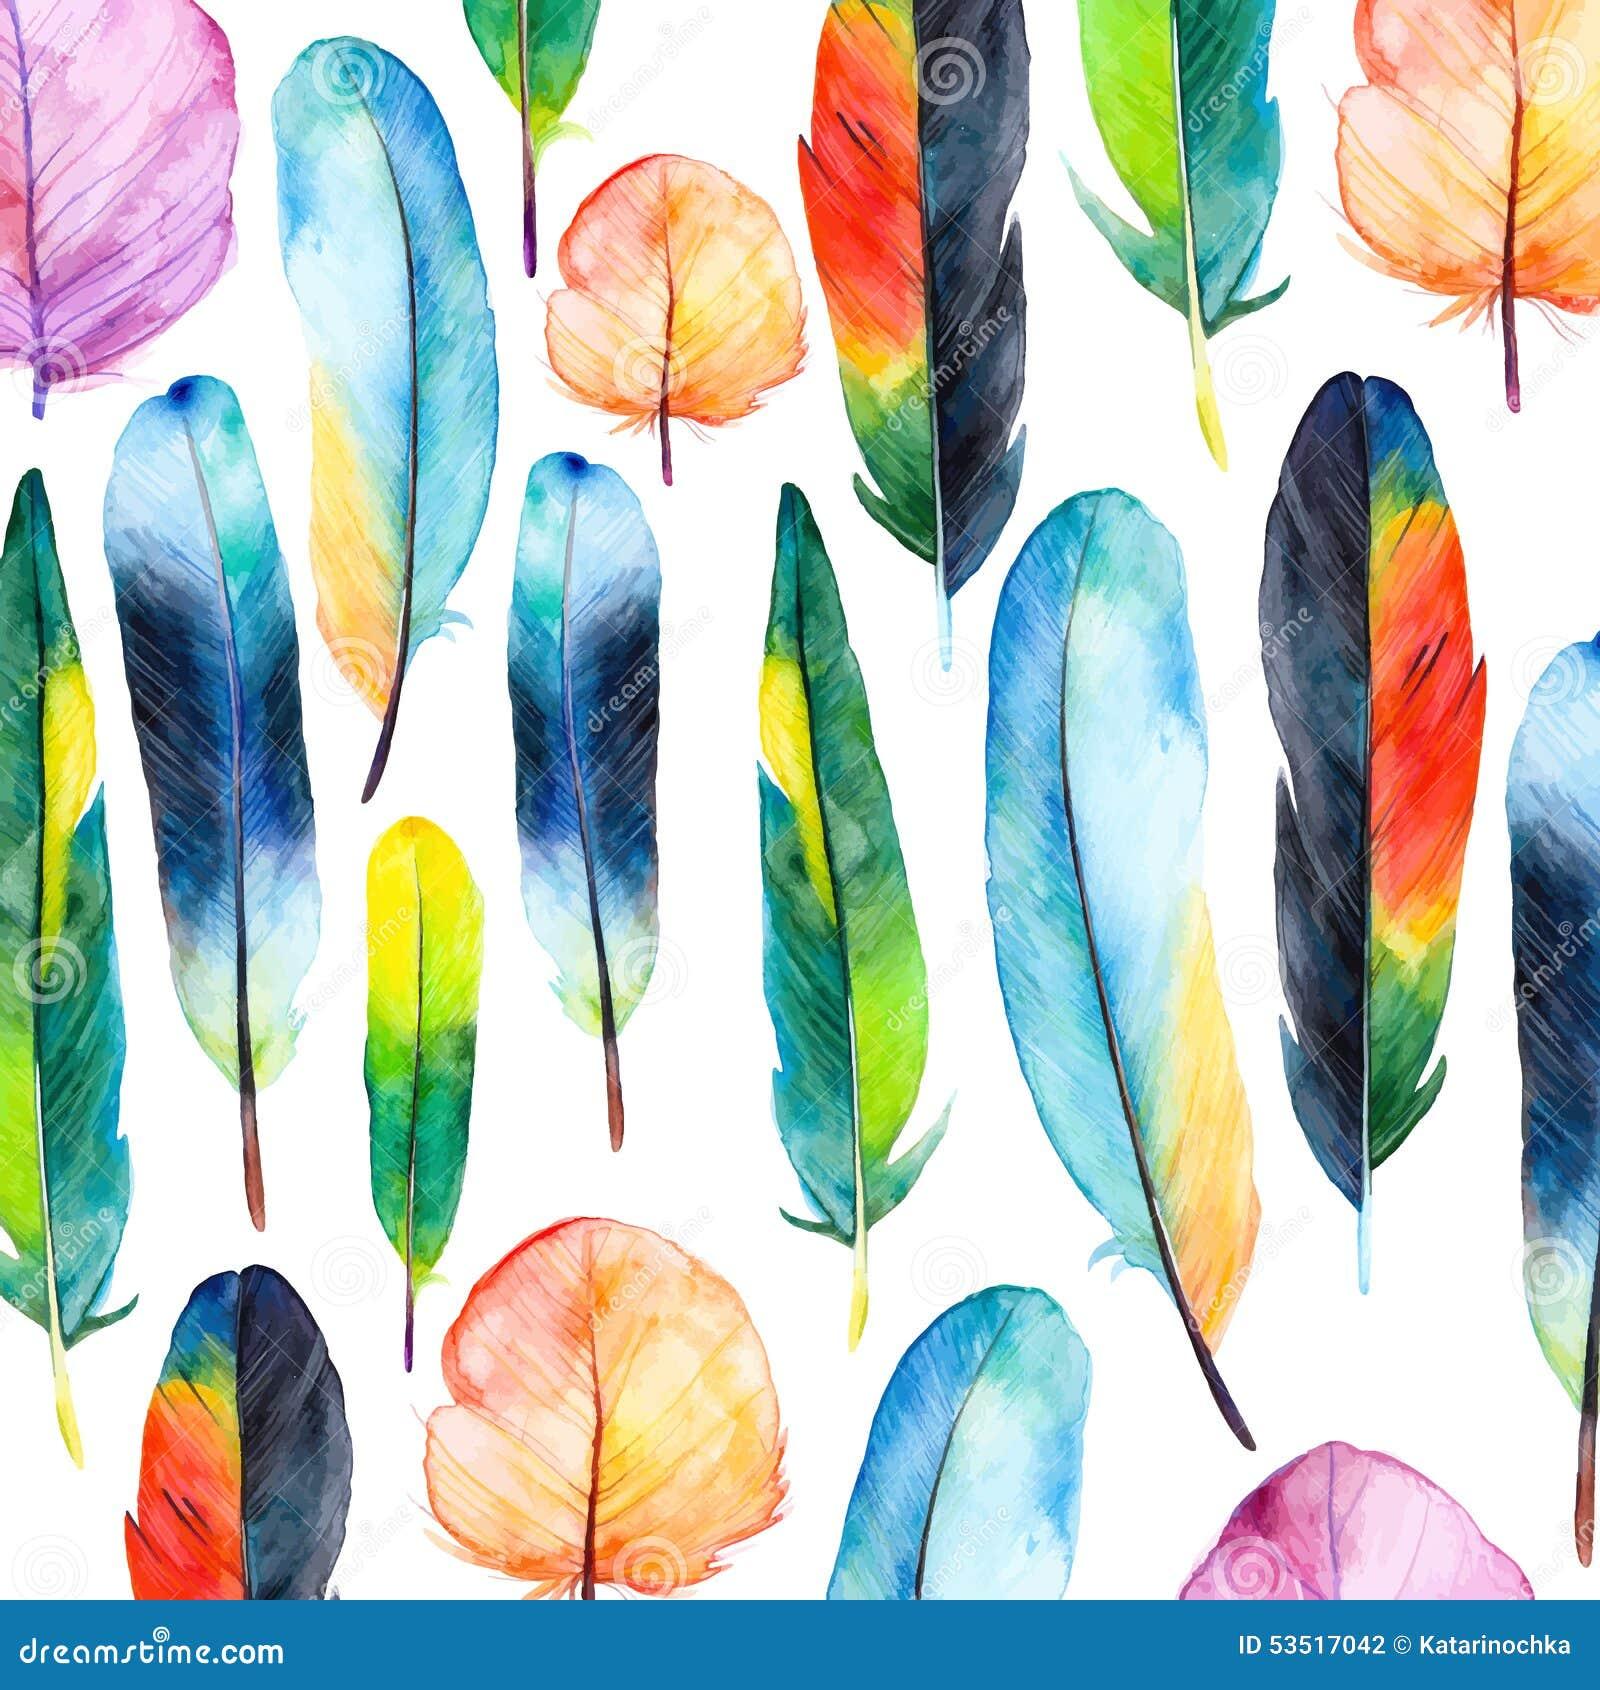 Aquarellfedern eingestellt Hand gezeichnete Vektorillustration mit bunten Federn